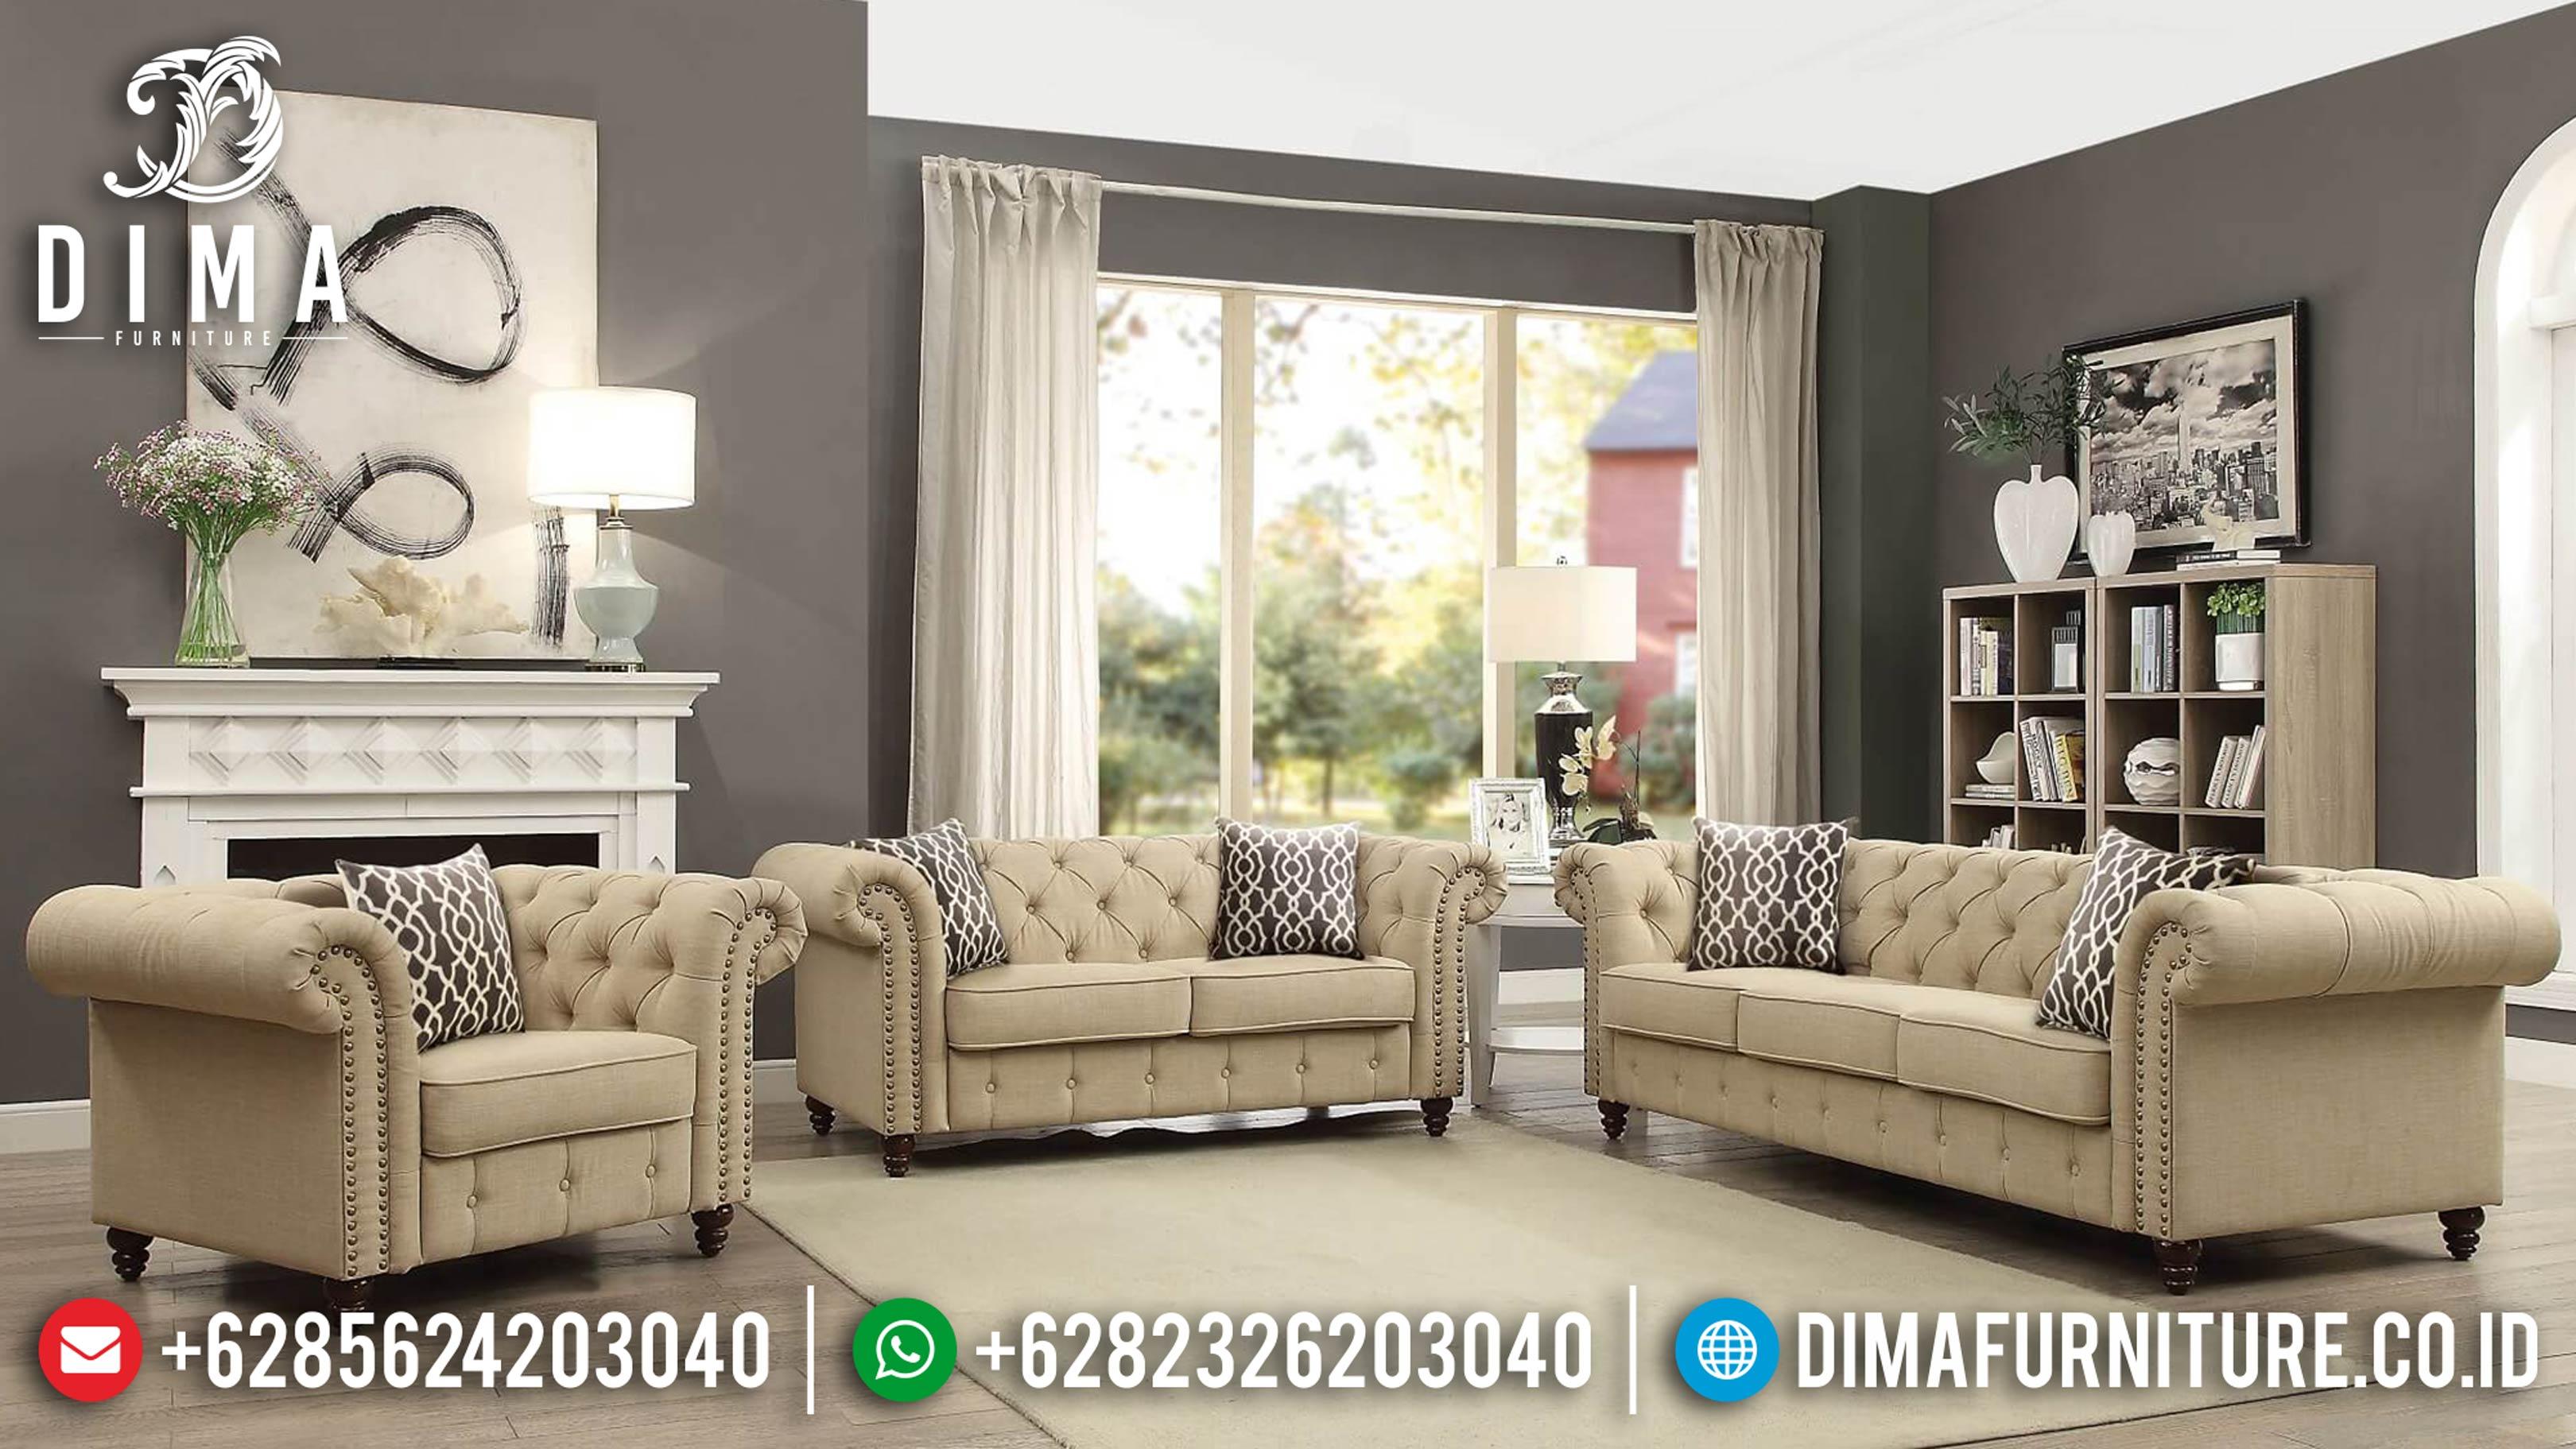 Jual Sofa Ruang Tamu, Sofa Tamu Mewah Jepara, Sofa Minimalis Chaster DF-0652